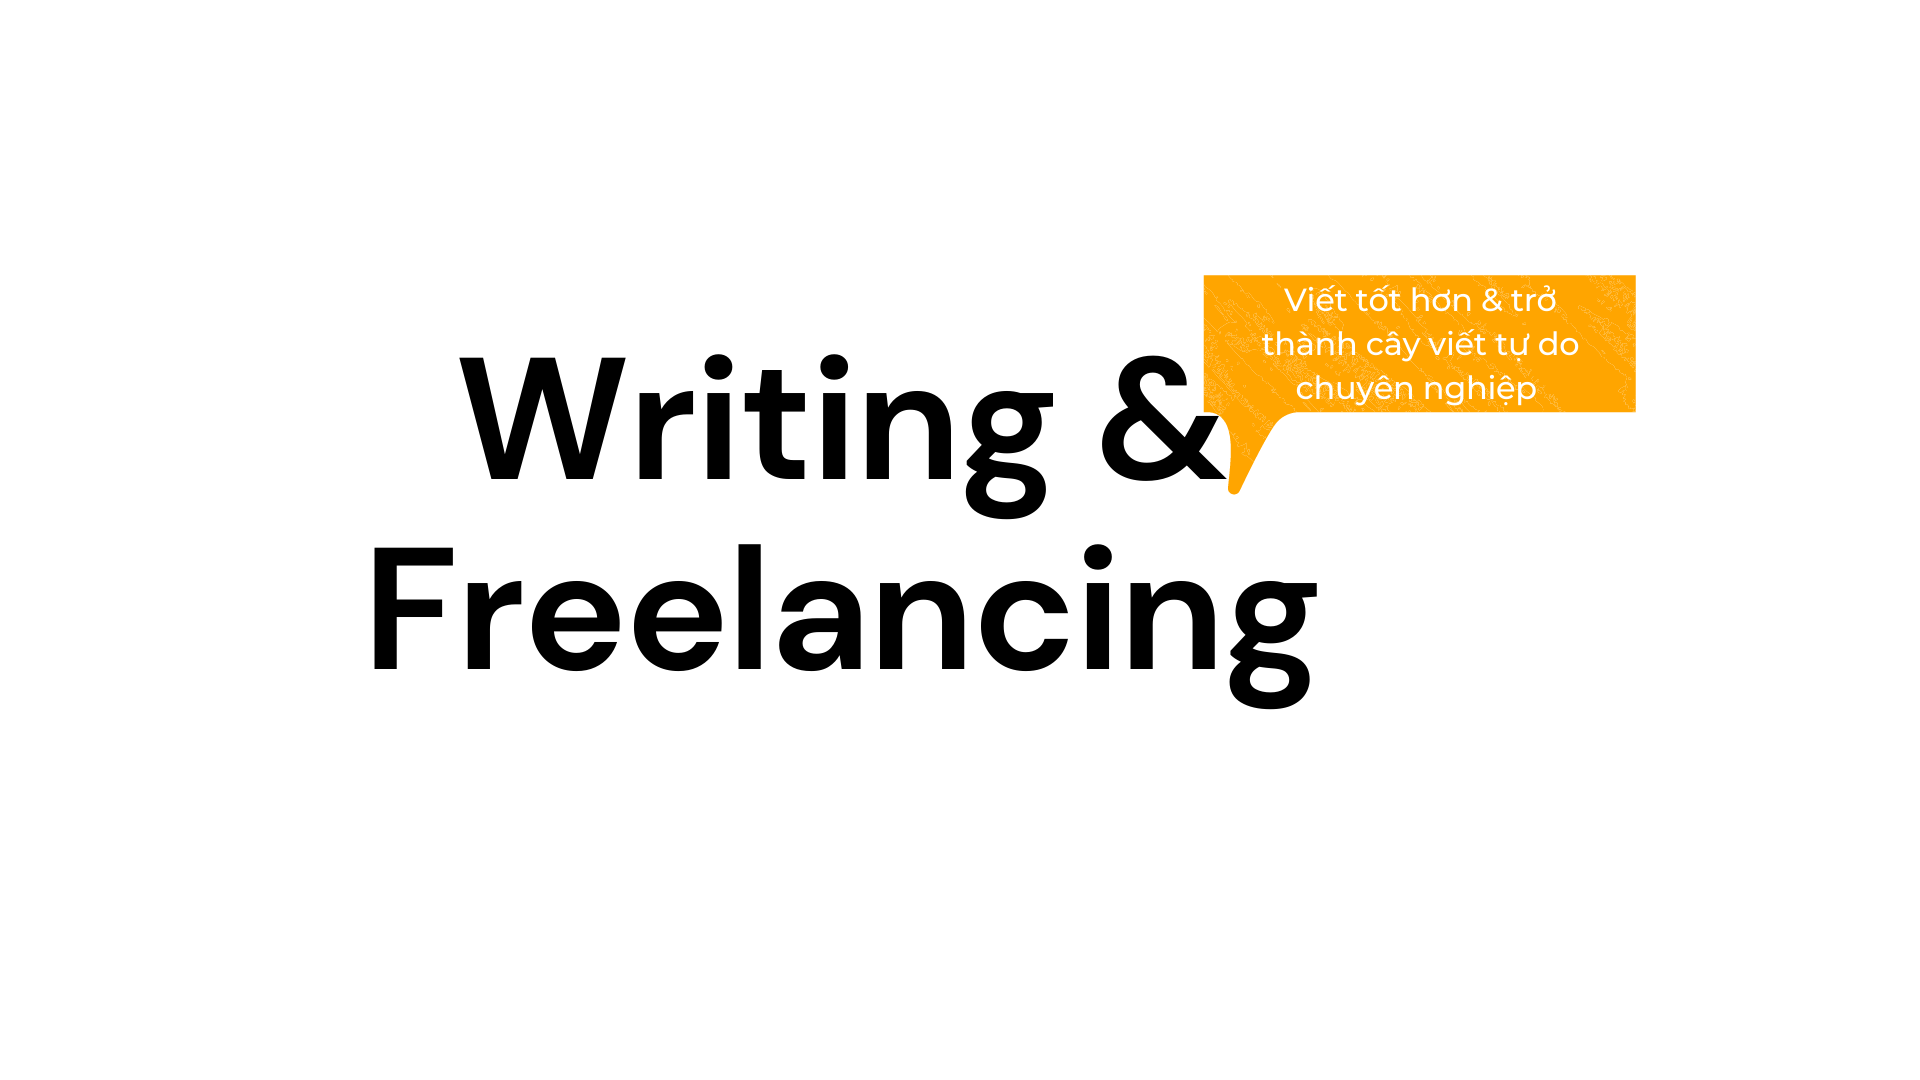 Writing & Freelancing